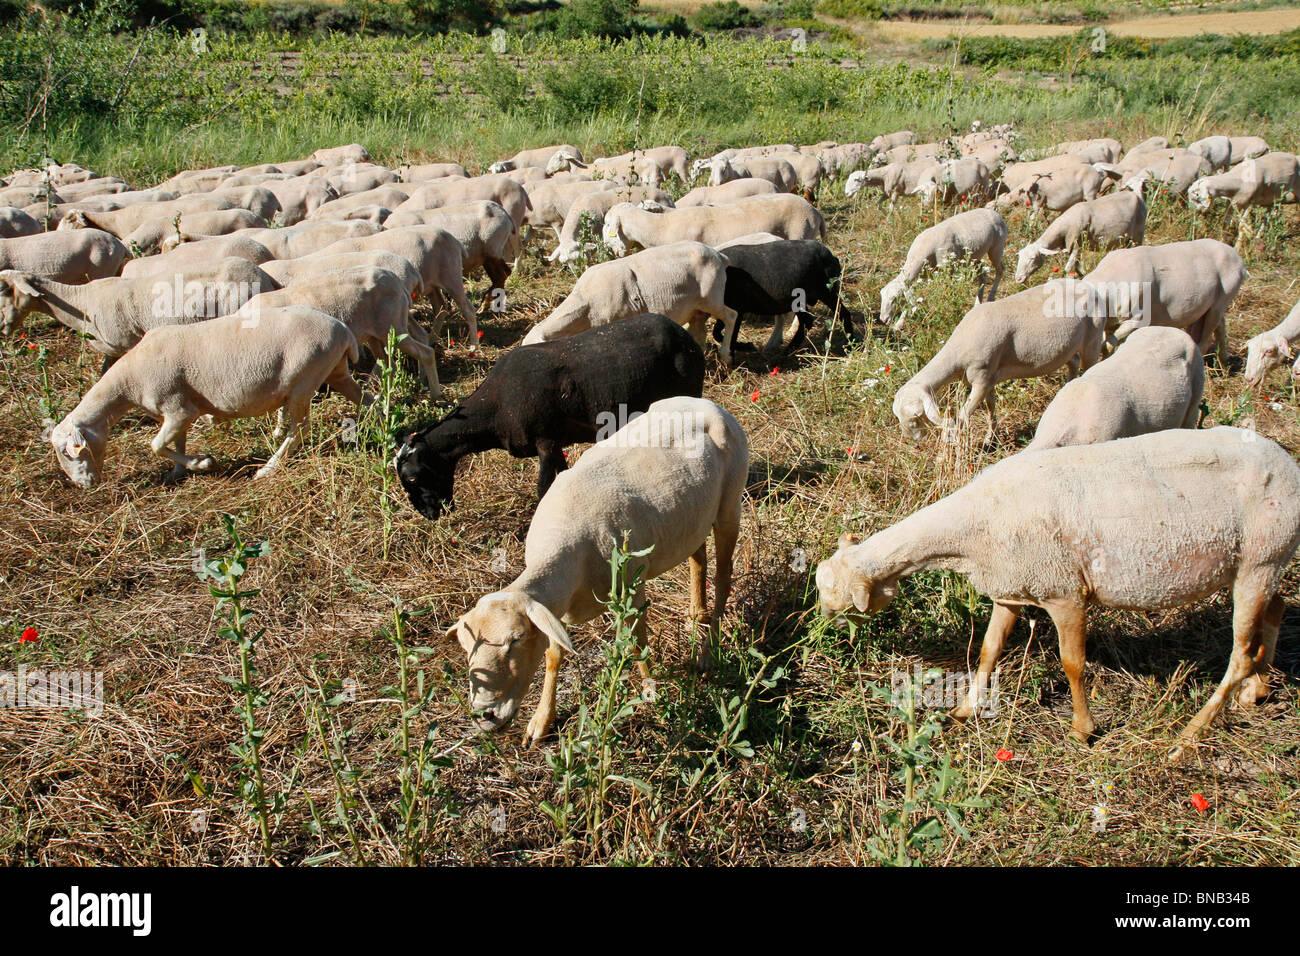 Les moutons. L'Espluga Calba (Lleida). La Catalogne. L'Espagne. Photo Stock